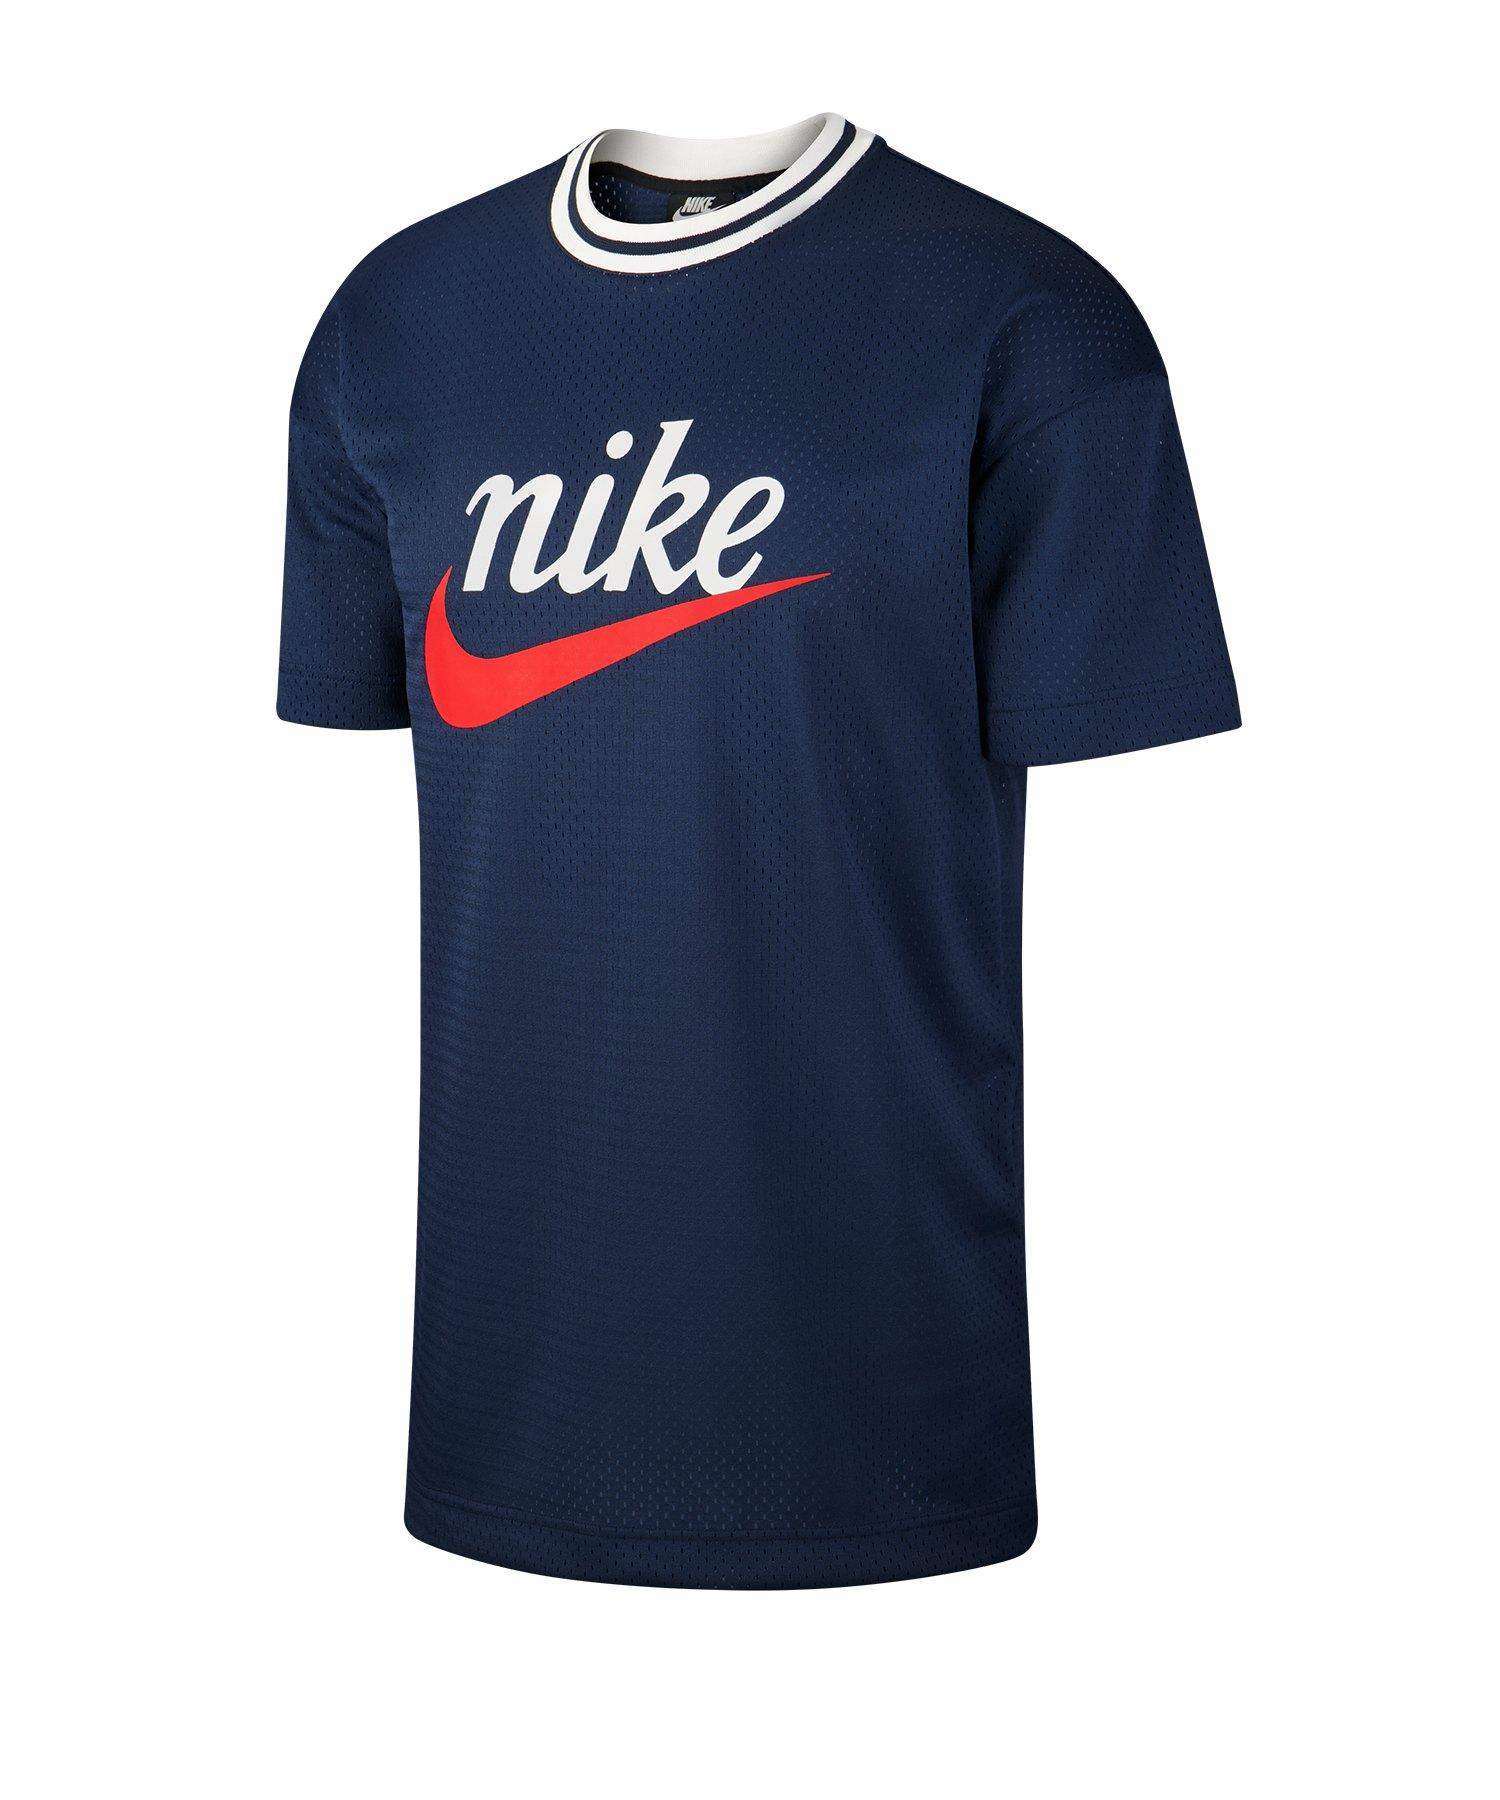 Nike Mesh Graphic Top T-Shirt Blau F410 - blau